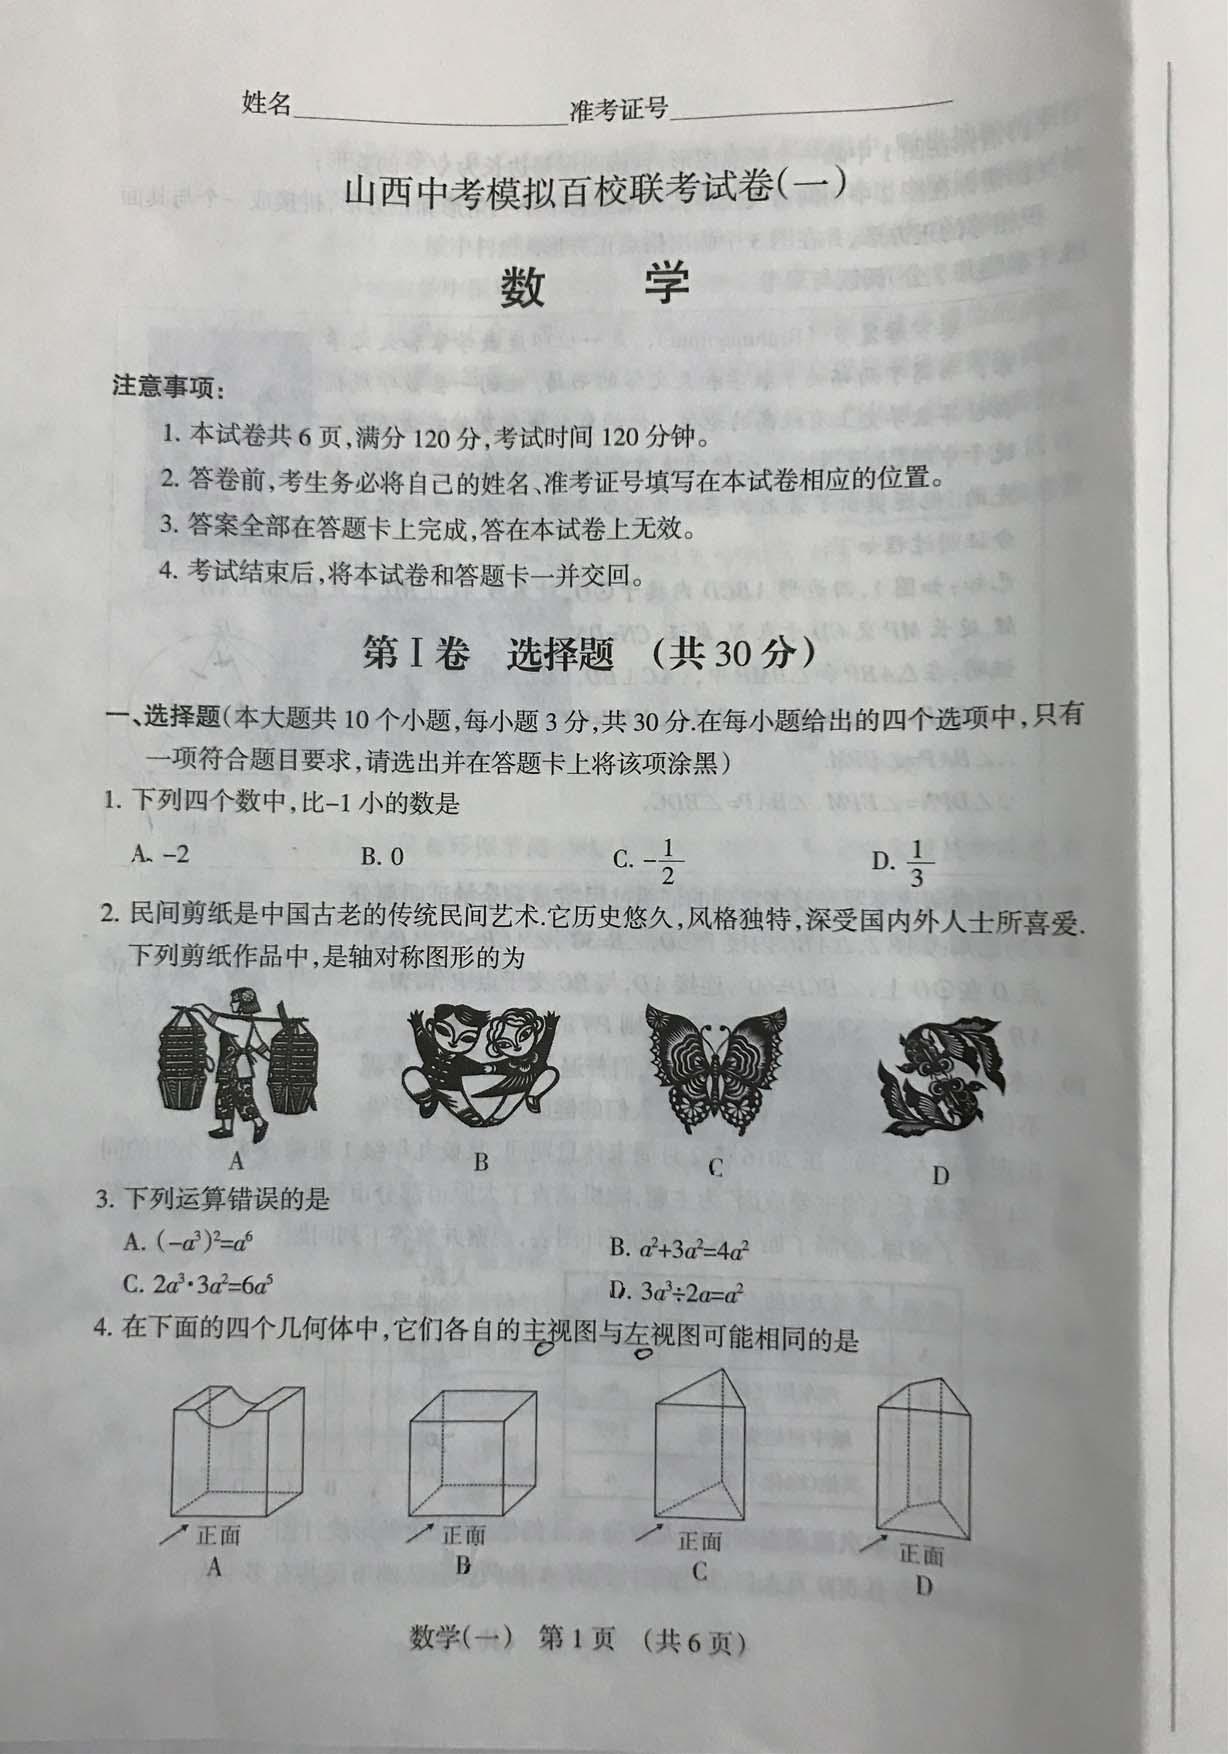 2017山西中考模拟百校联考(一)数学试题及答案(图片版)